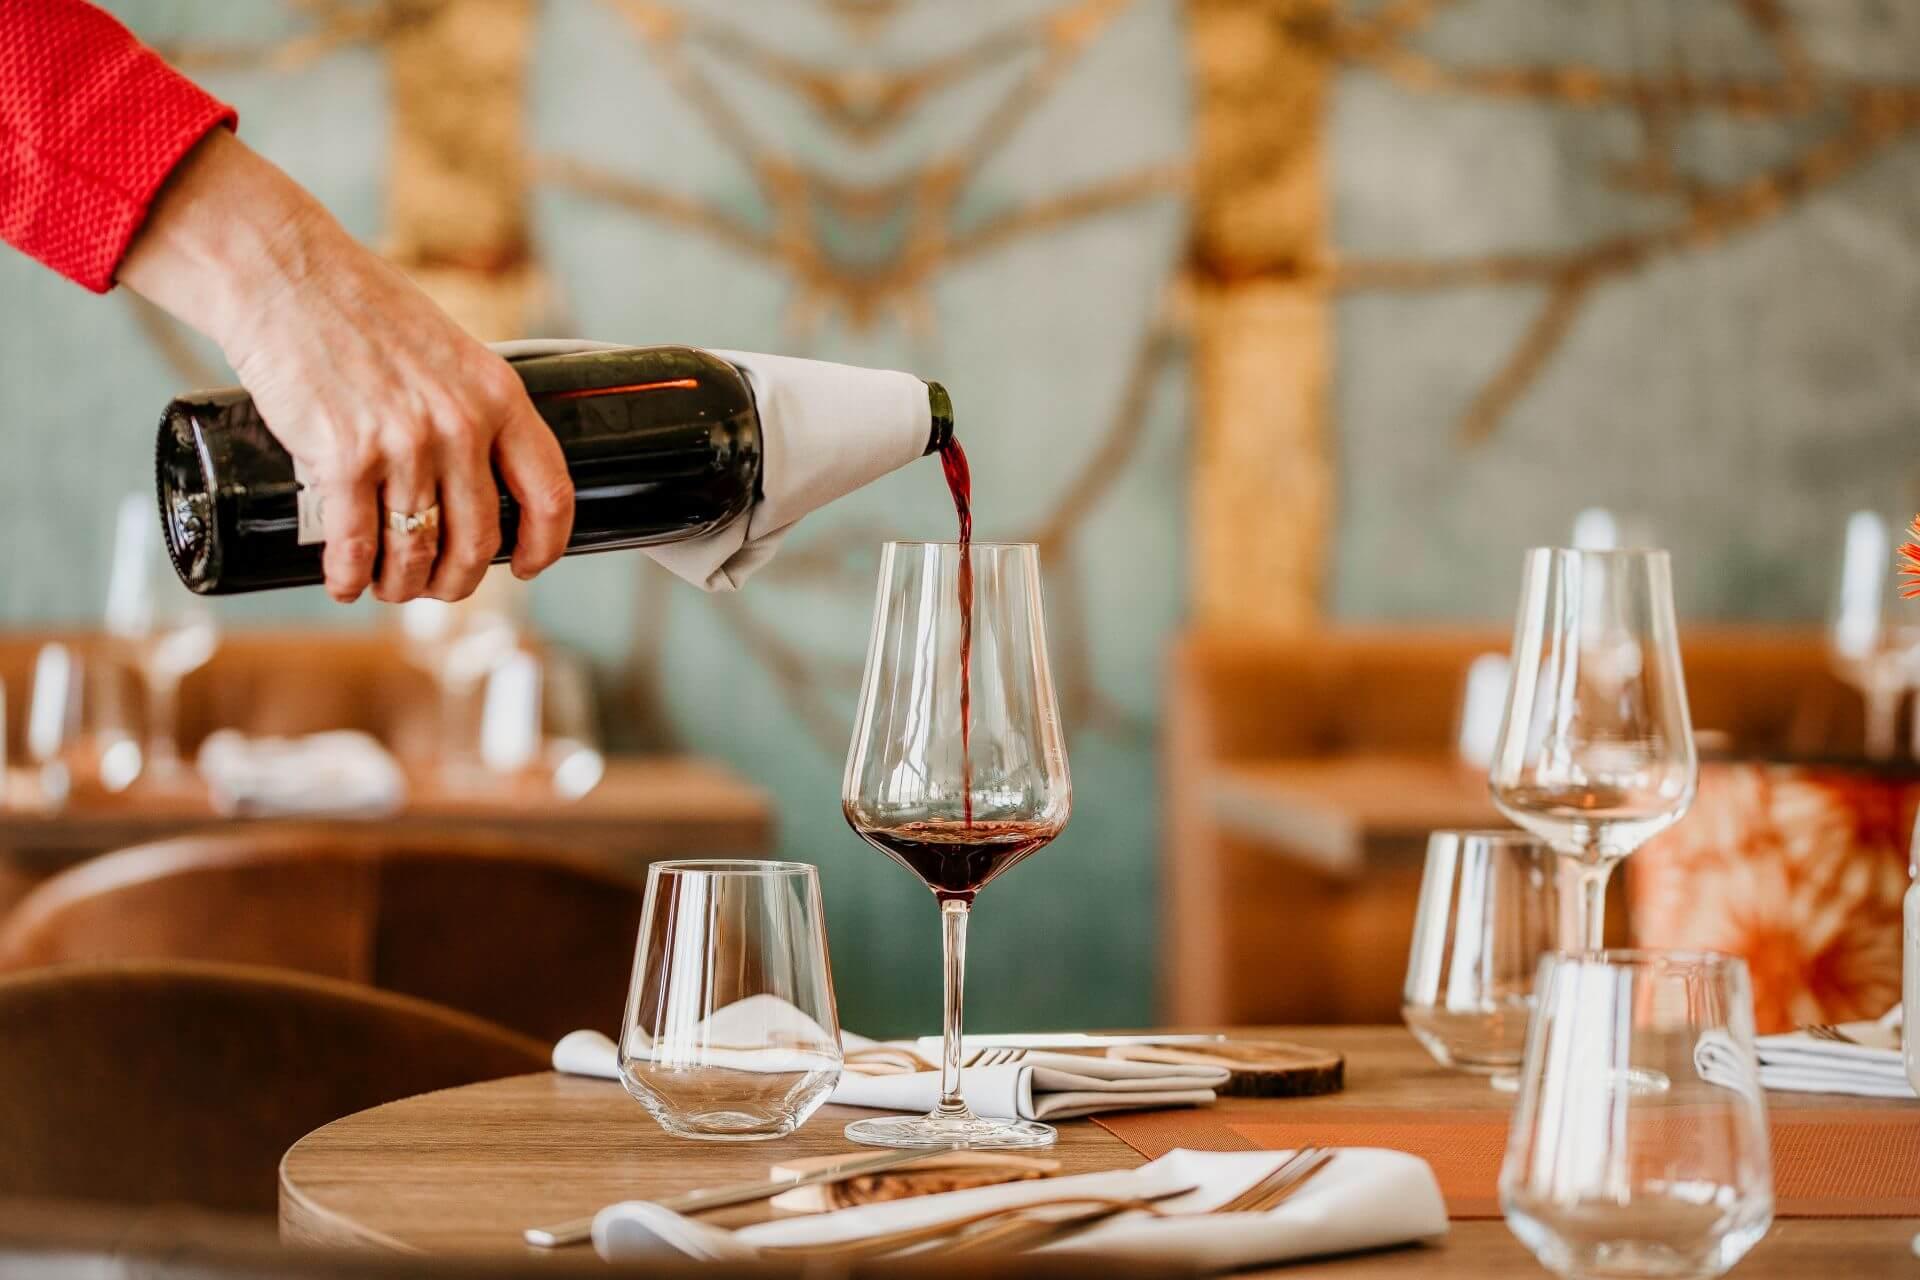 Wein, Dinner